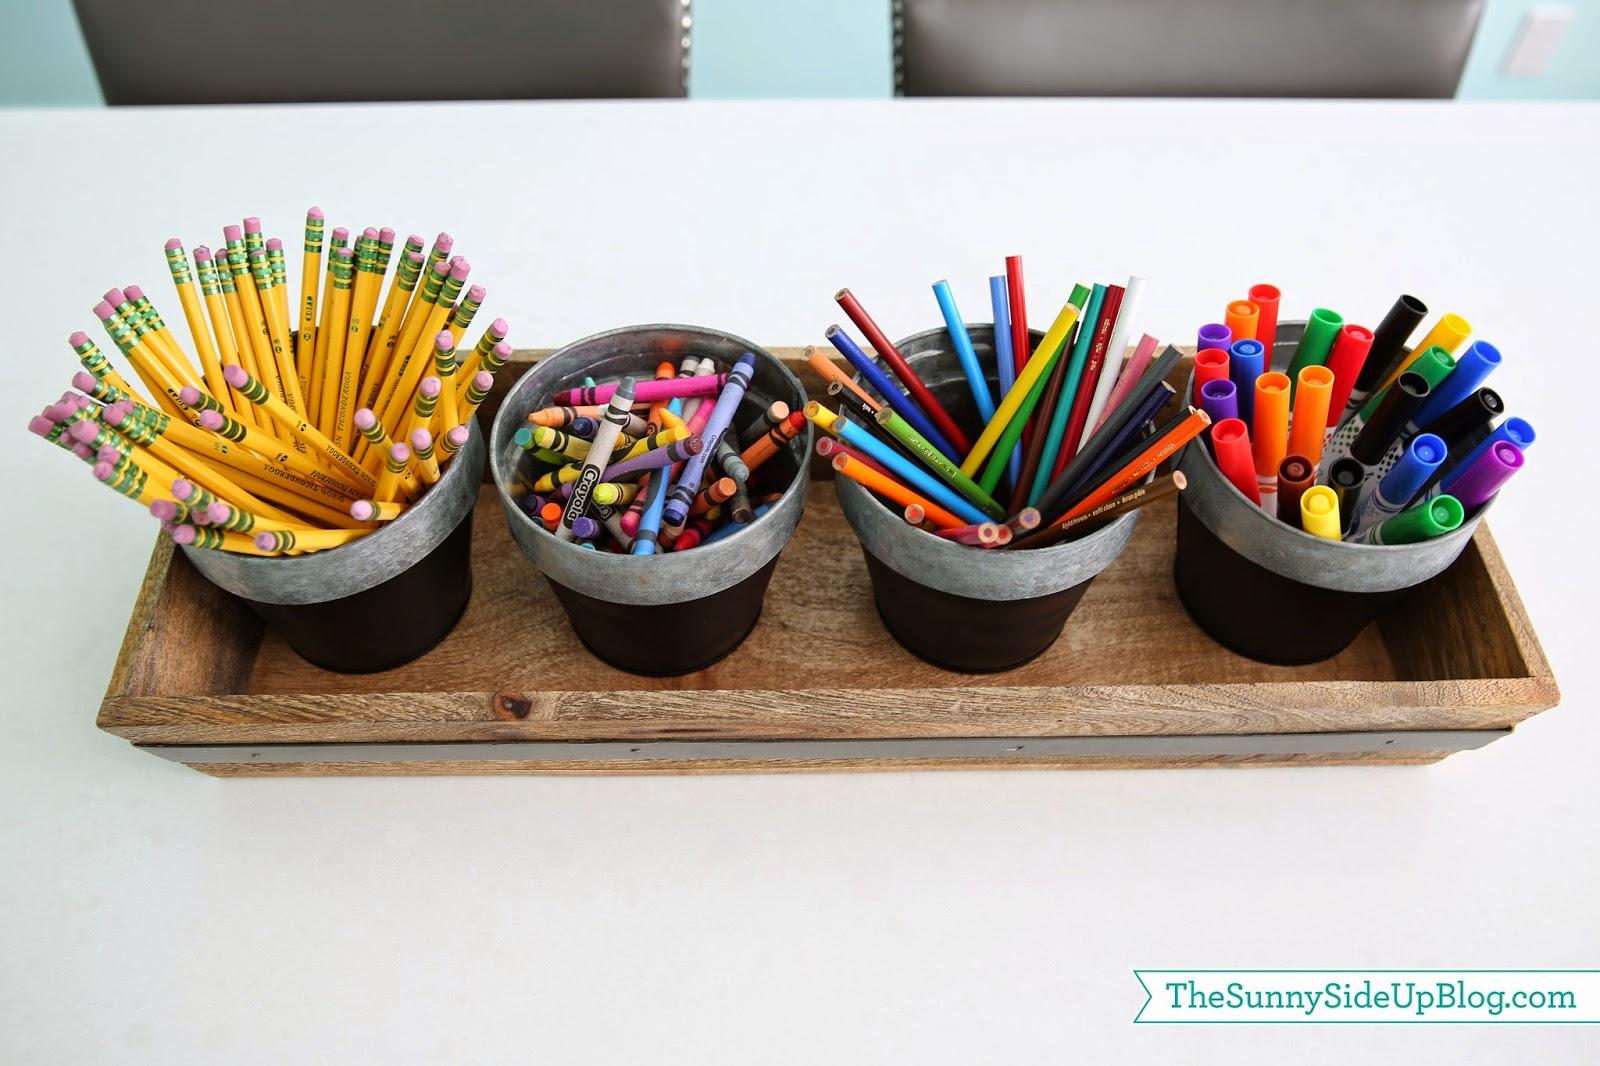 Organized art supplies (a new solution!)